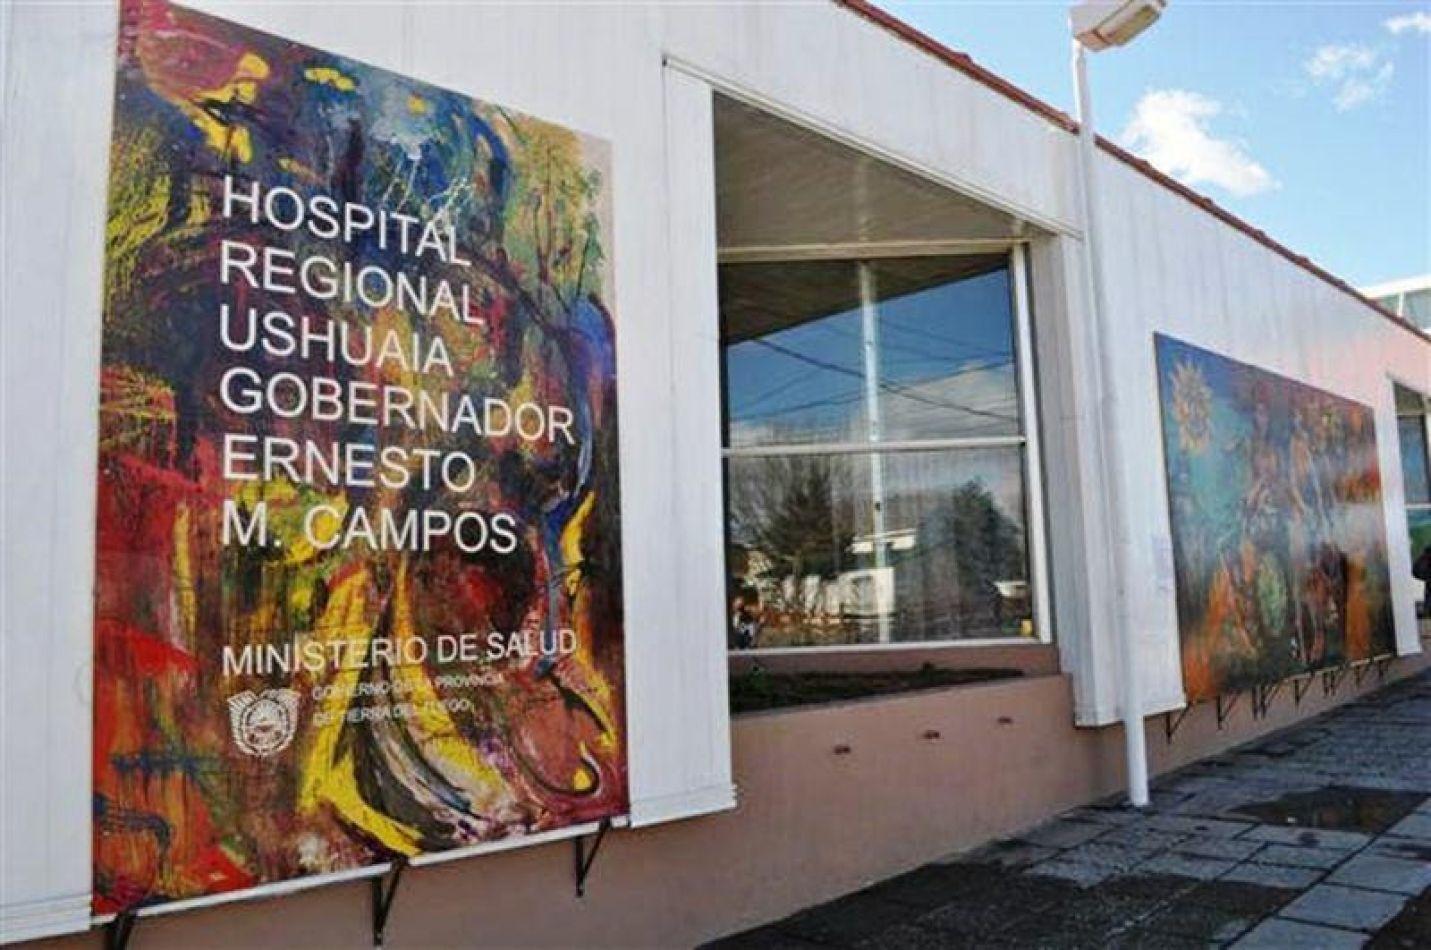 Hospital Regional de Ushuaia